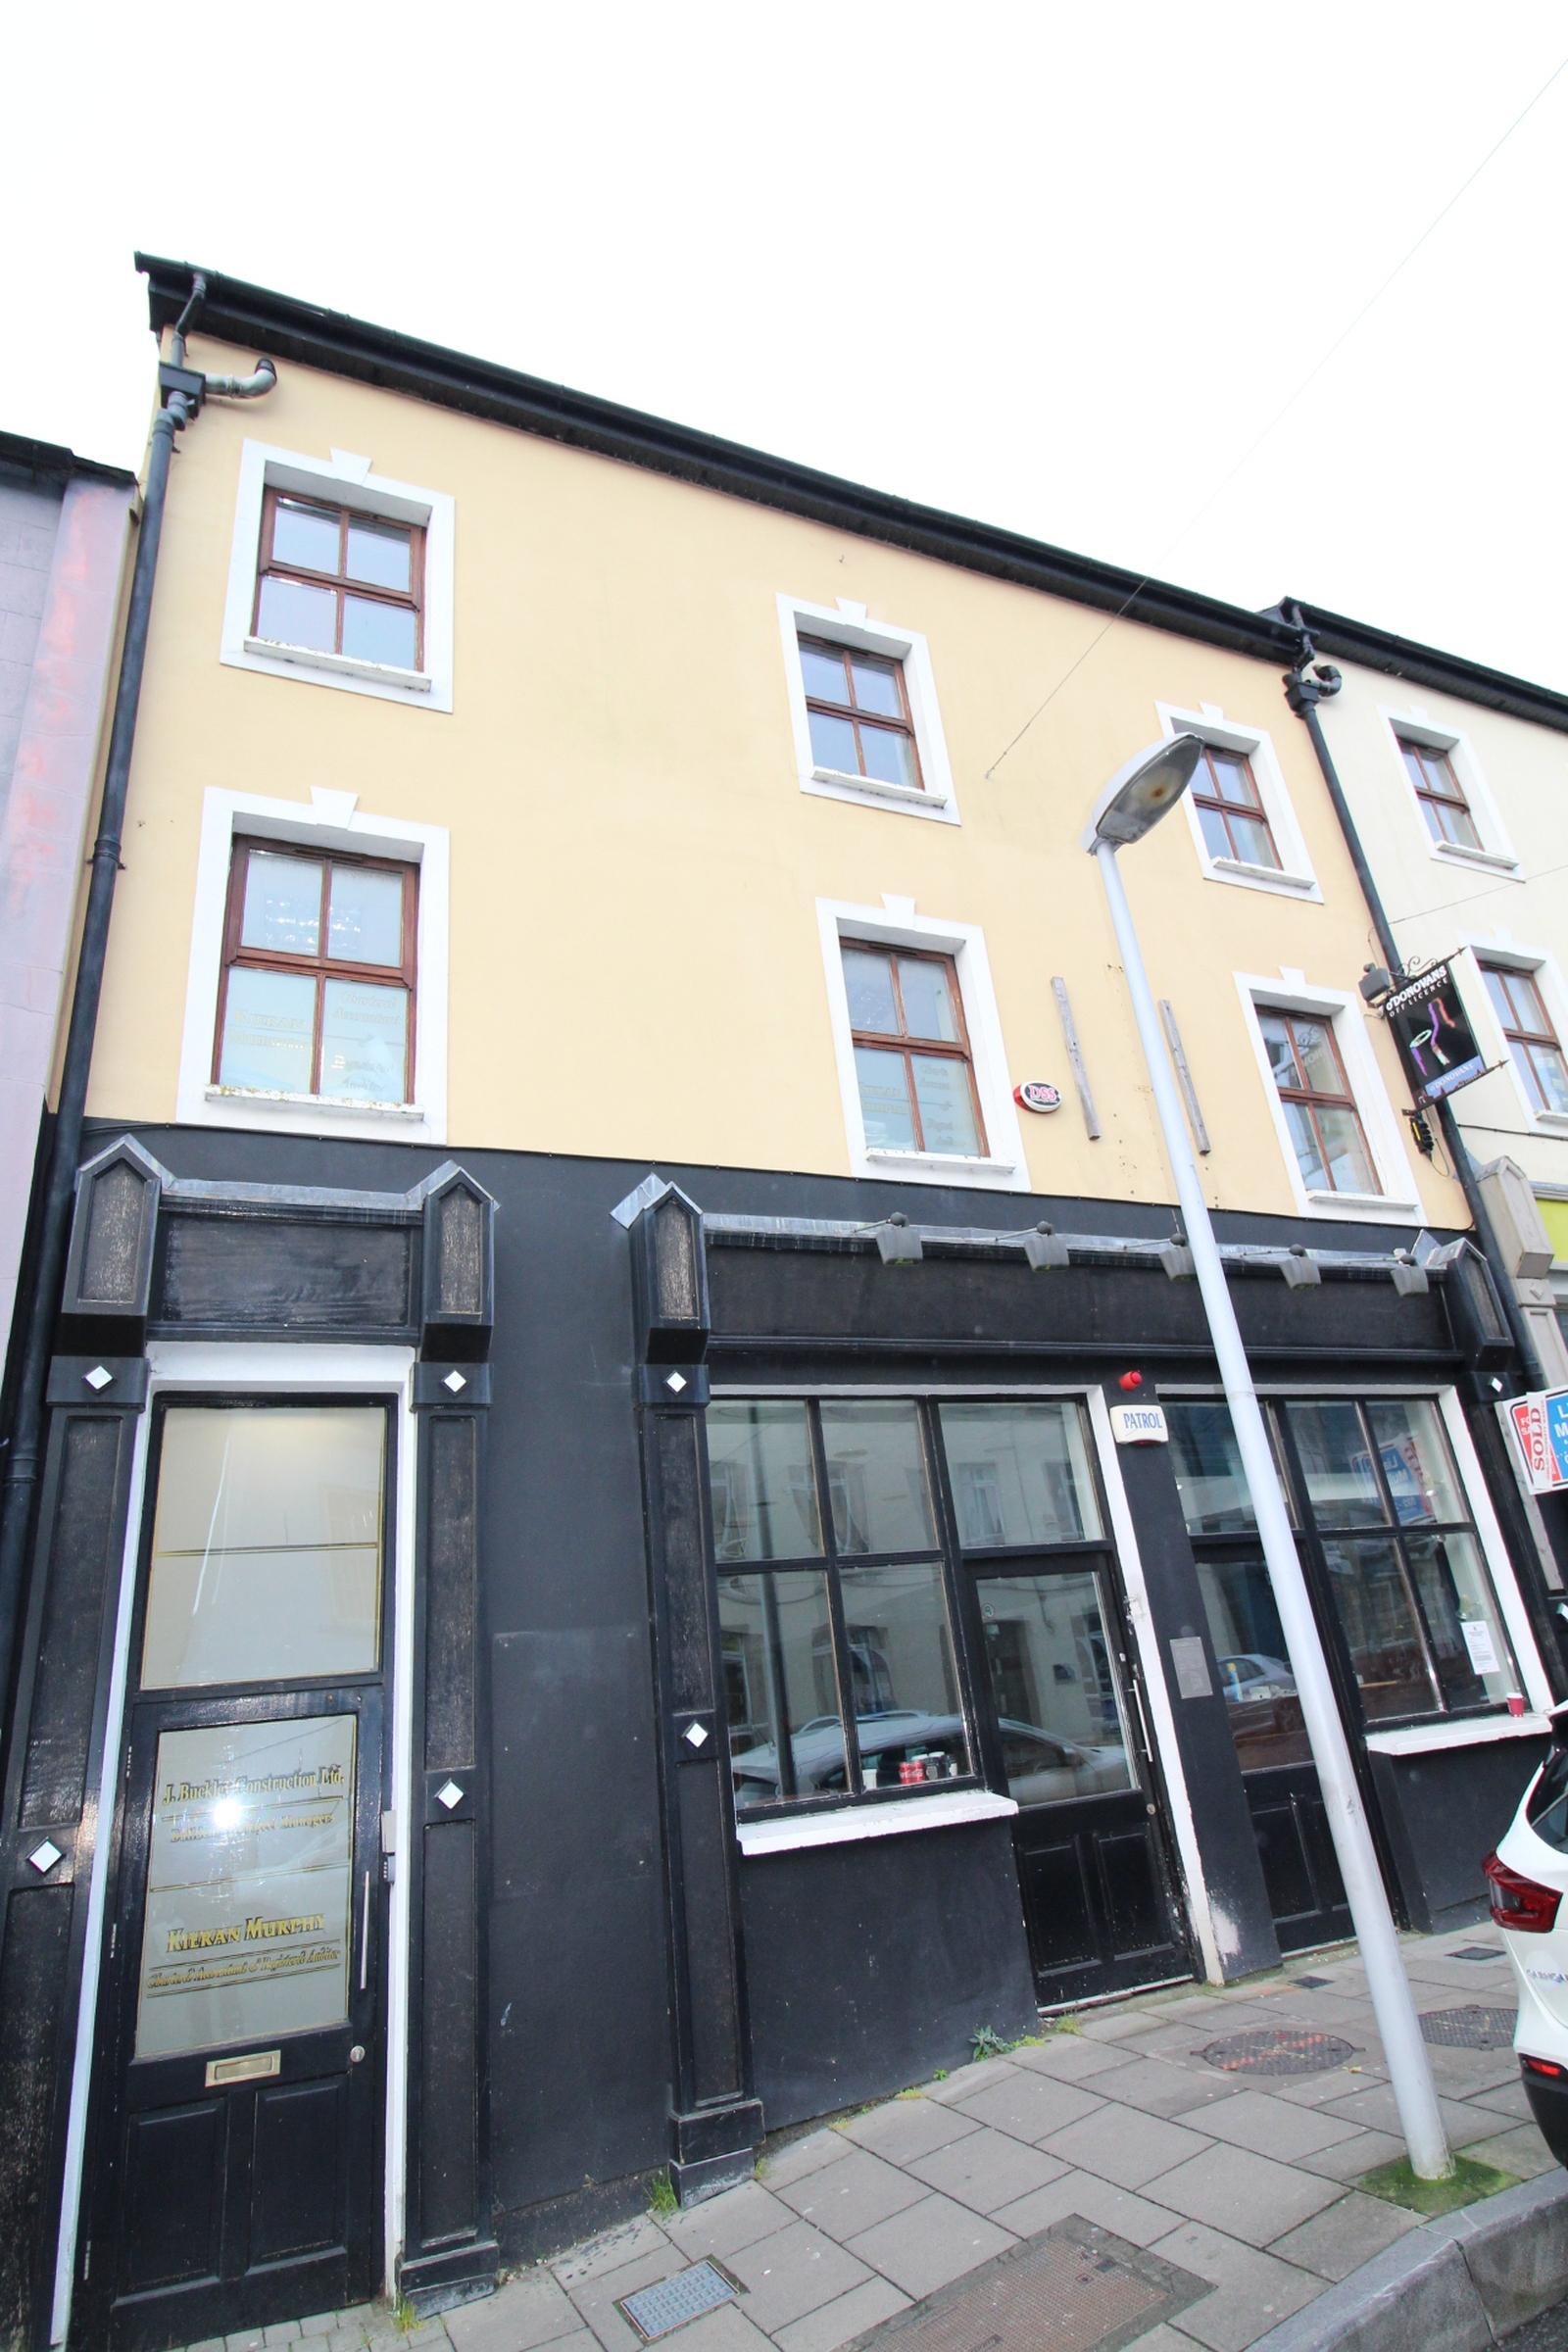 Unit 1, Market Square, William O'Brien Street, Mallow, Co. Cork